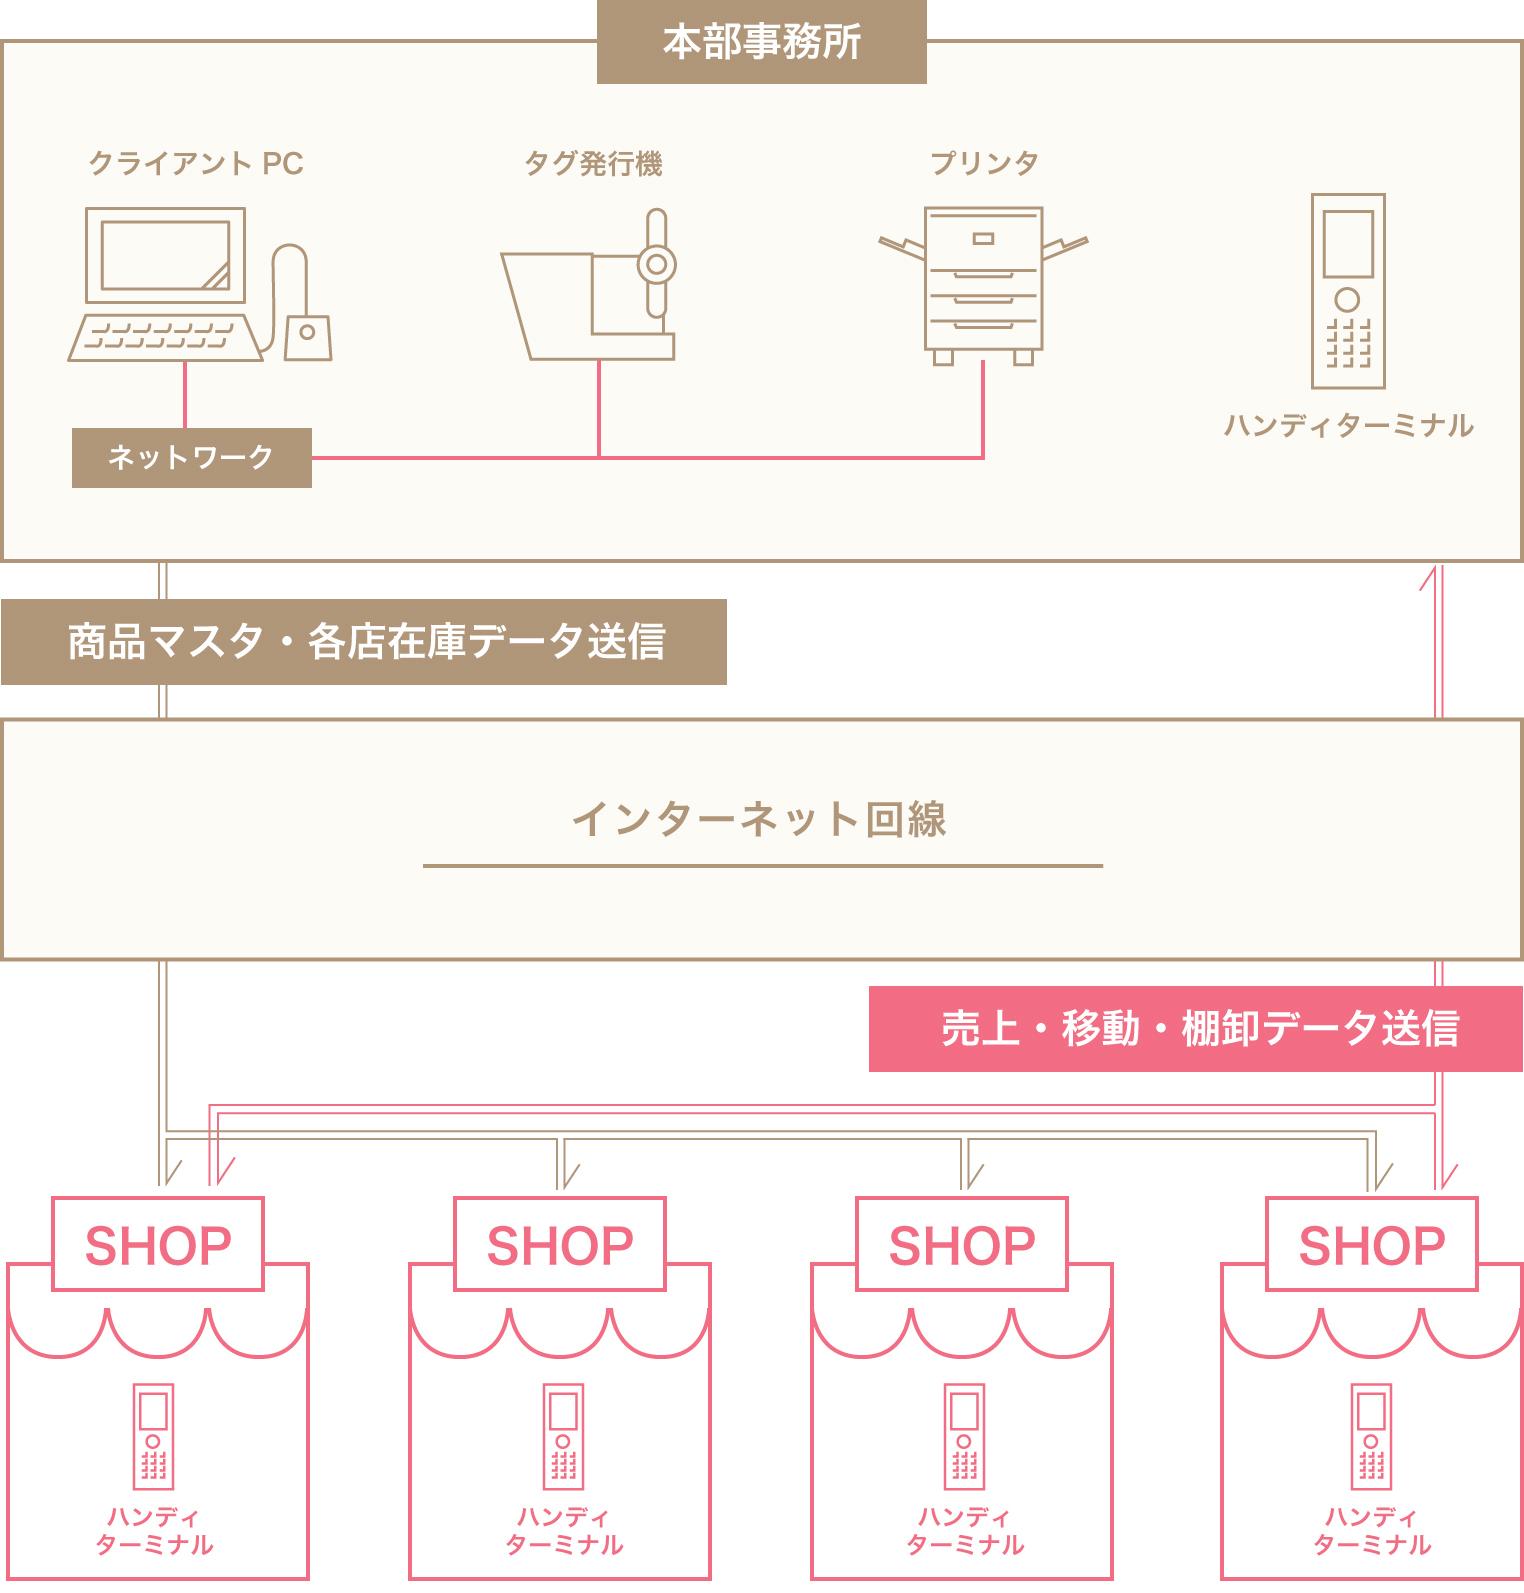 アパレル小売店舗用ハンディターミナル連携 システム構築イメージ例